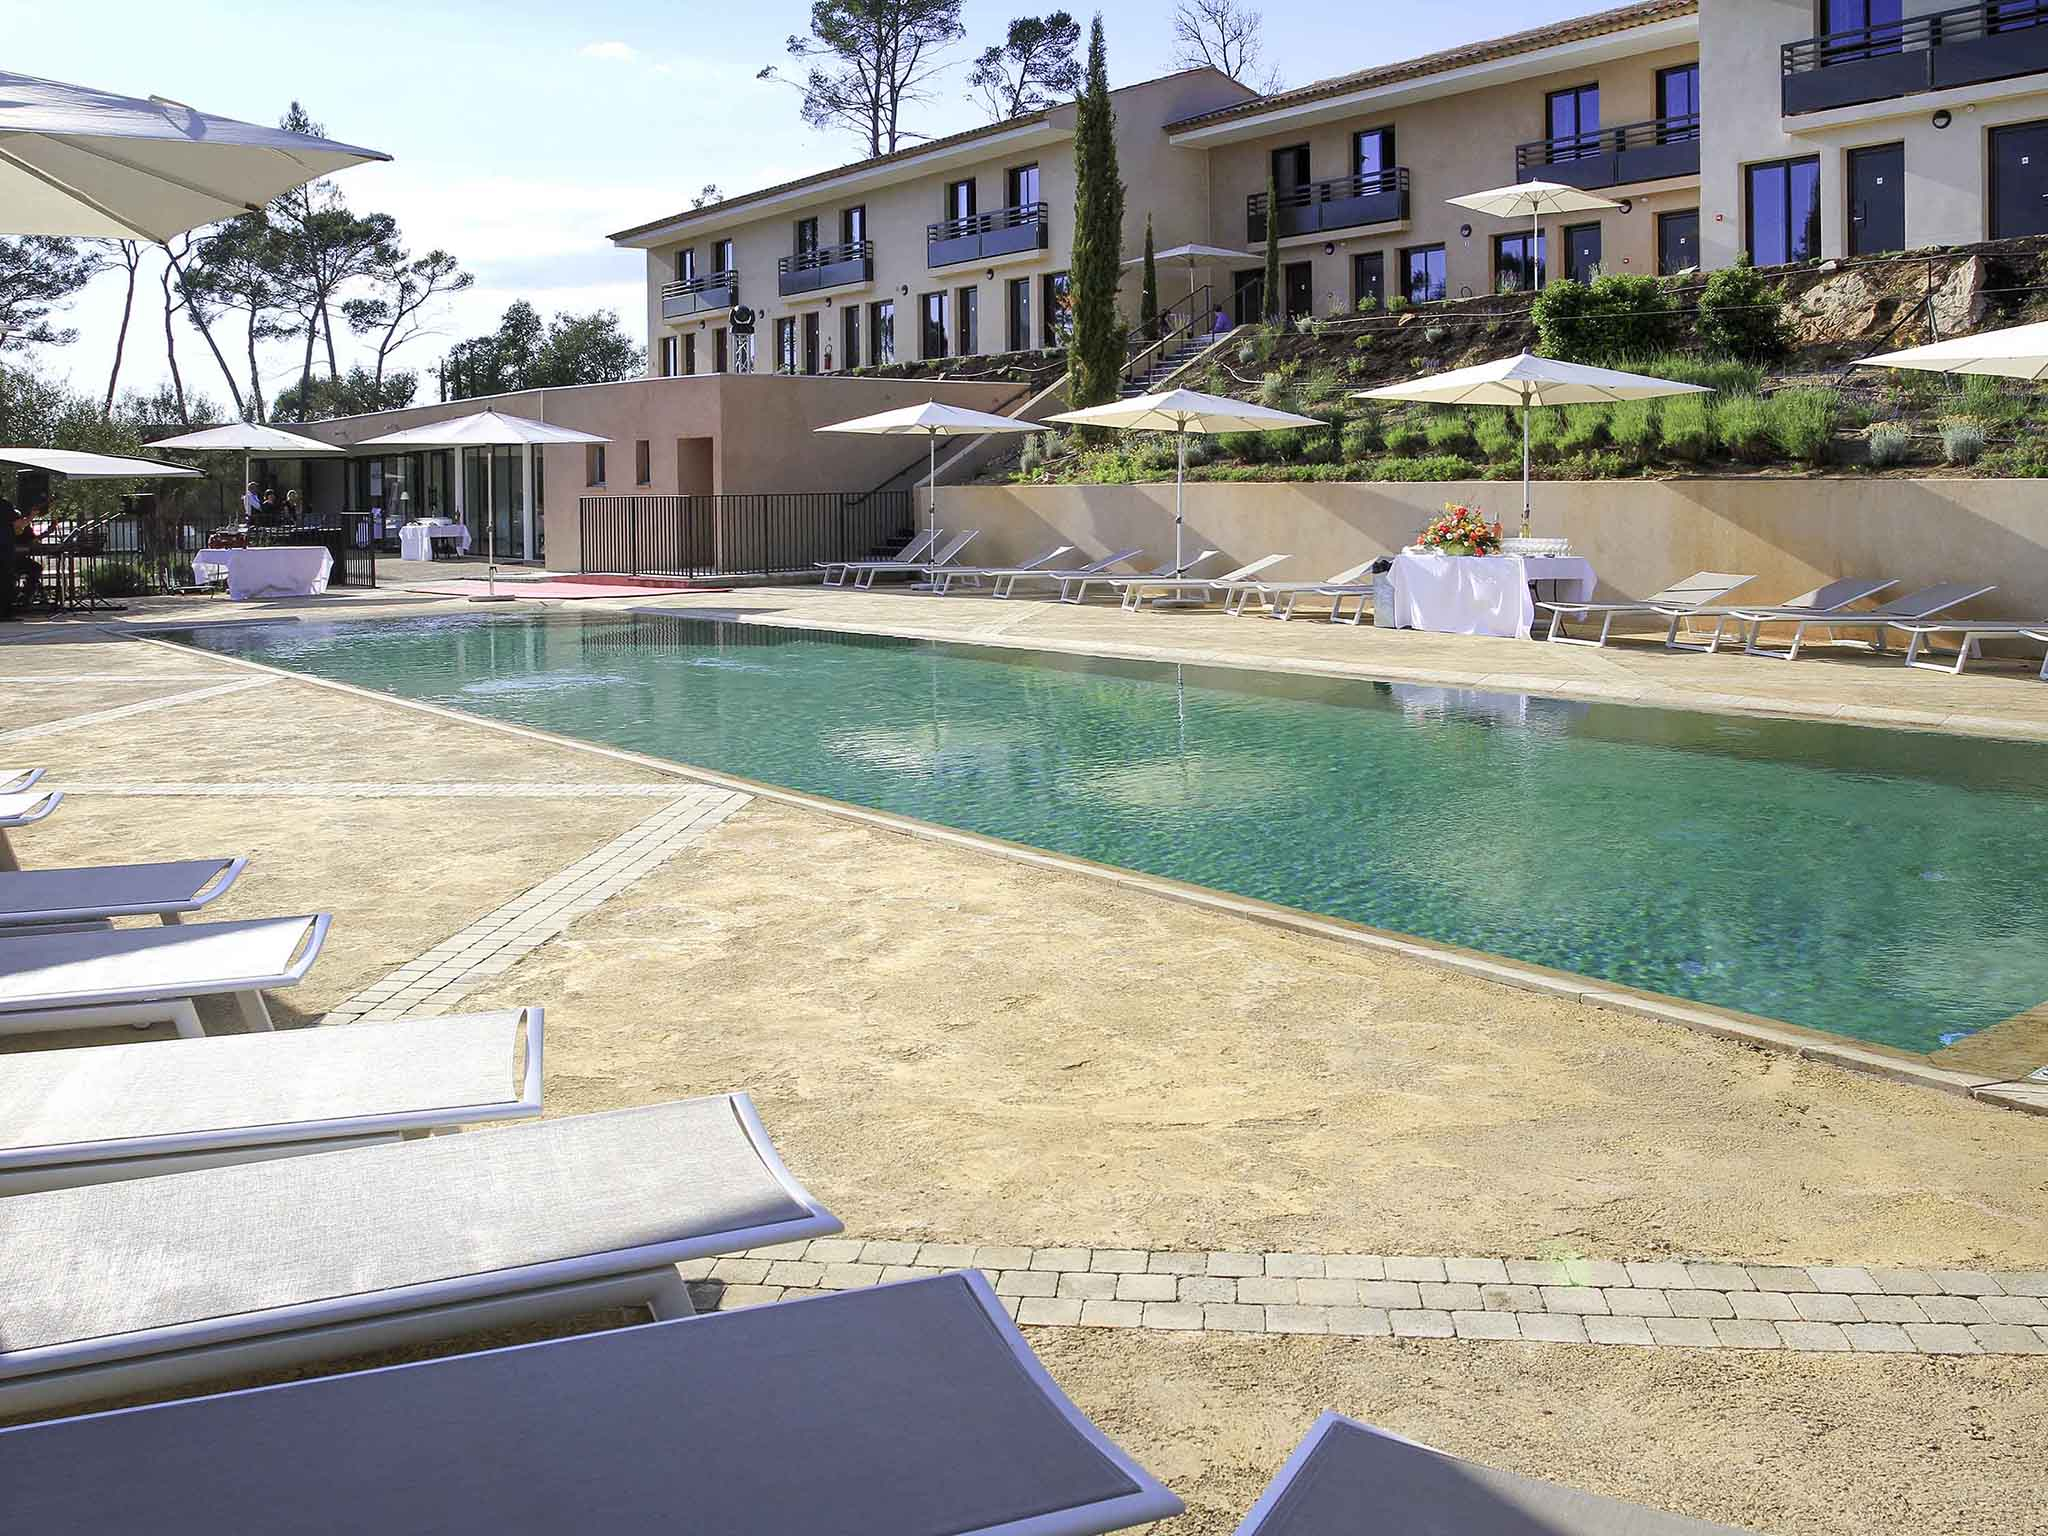 Hotel – Hôtel Mercure Brignoles Golf de Barbaroux